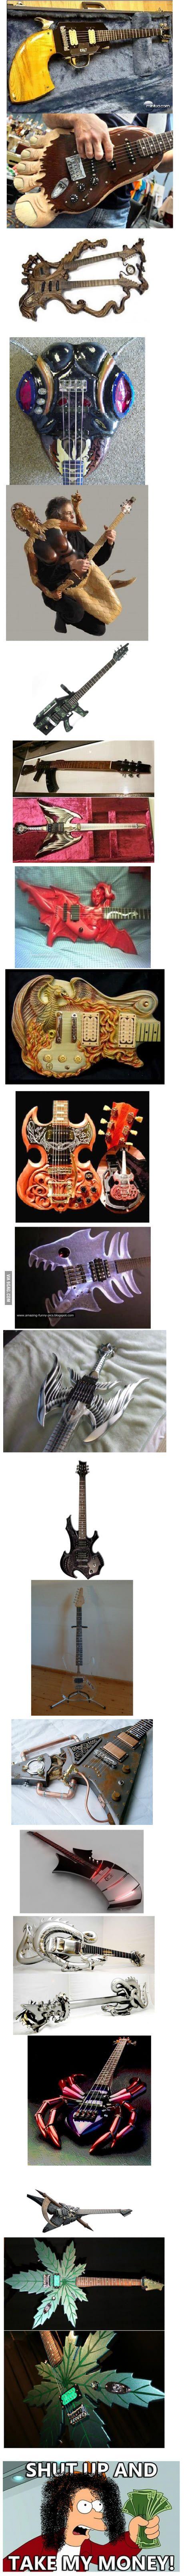 Some crazy unique guitars